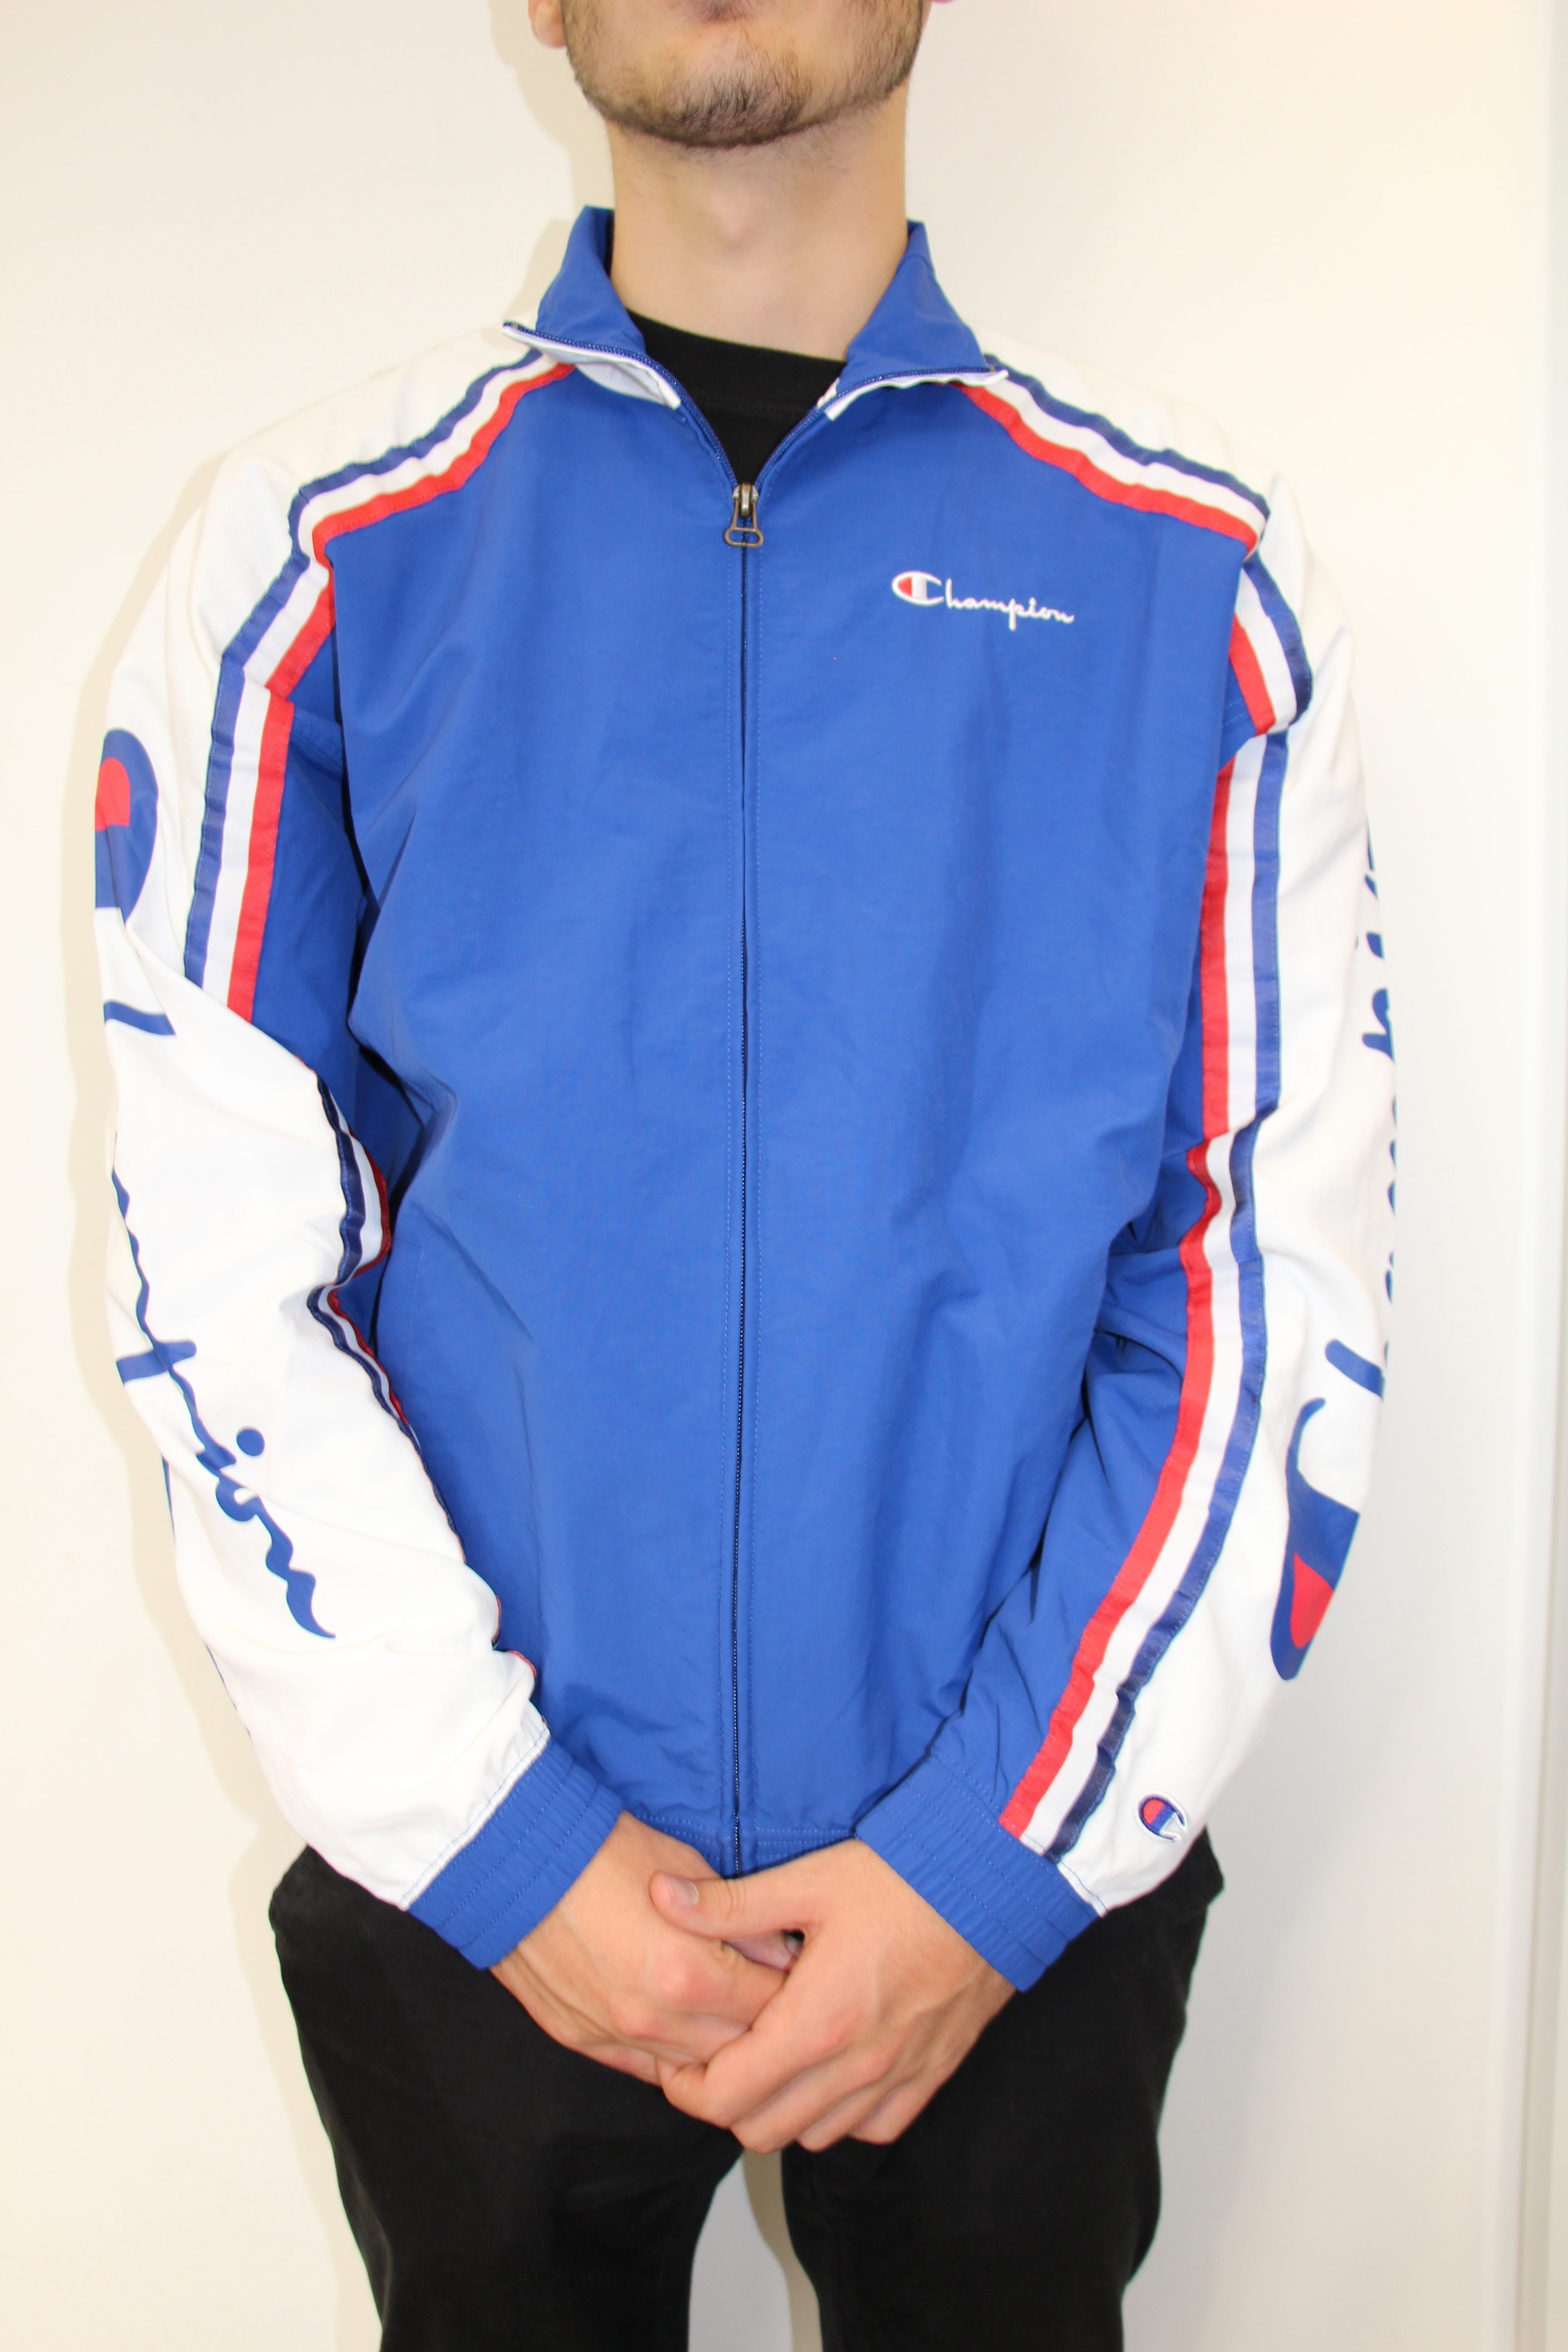 disponible plus près de dernière conception CHAMPION - Veste Vintage Bleu